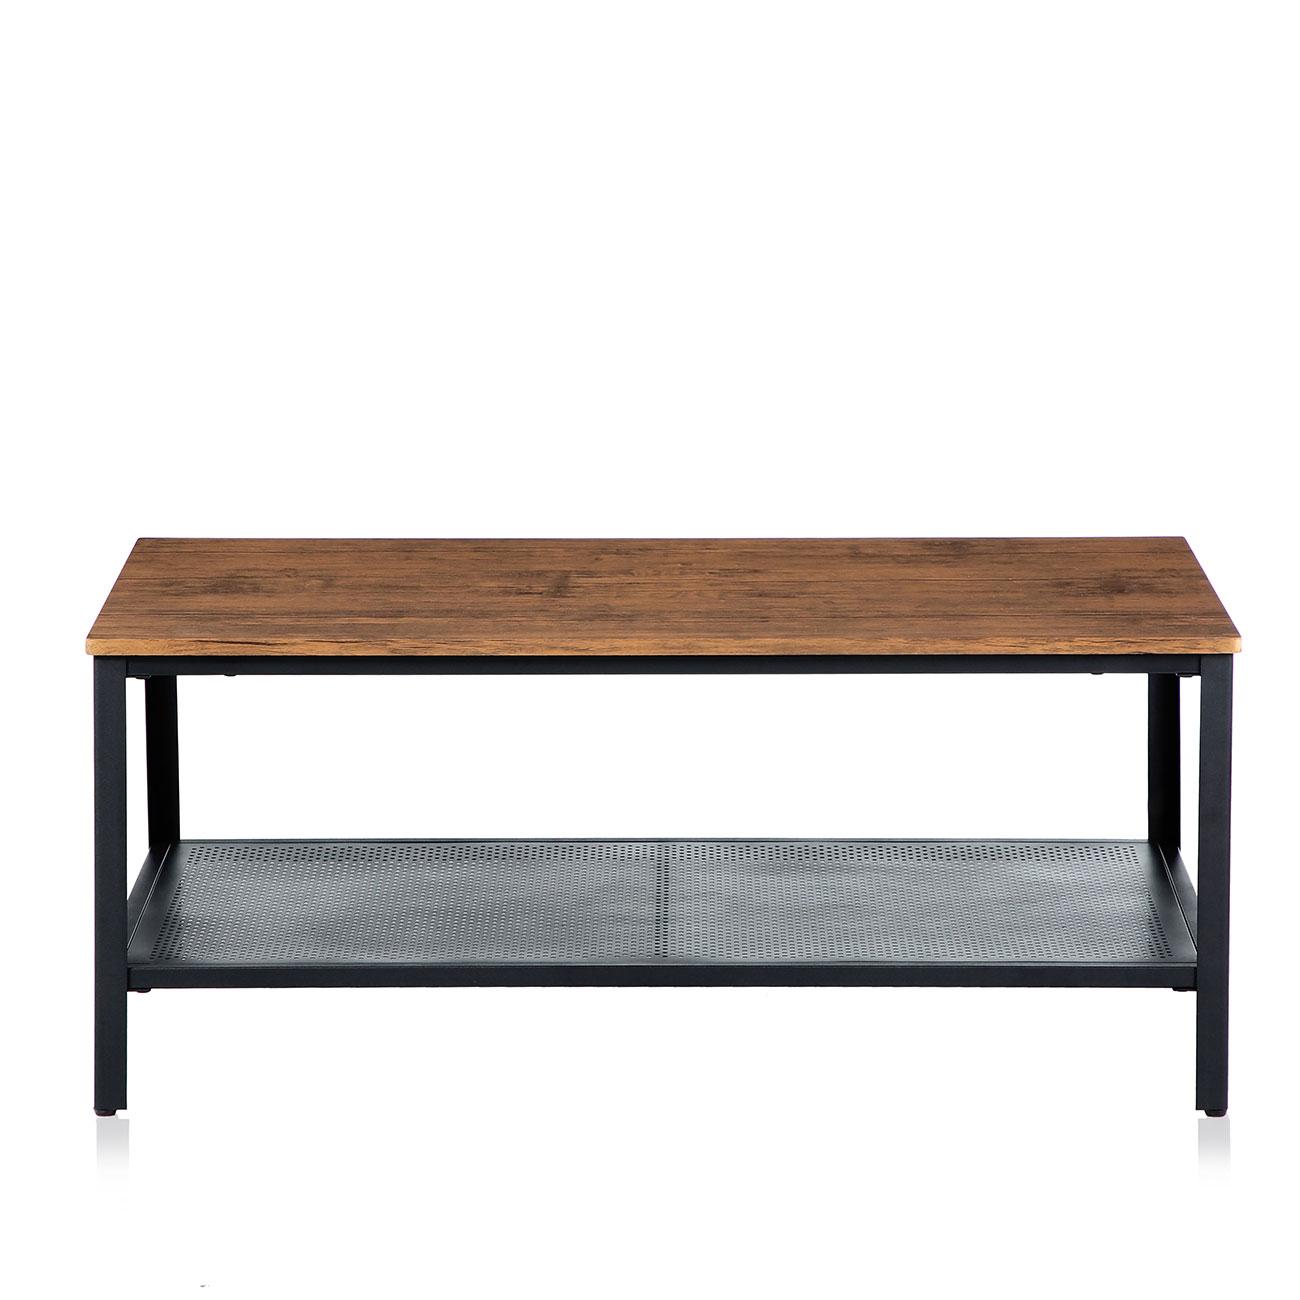 Tavolino Da Soggiorno Vintage.Makika Design Vintage Tavolino Da Salotto Tavolino Da Caffe Con Vano Portaoggetti